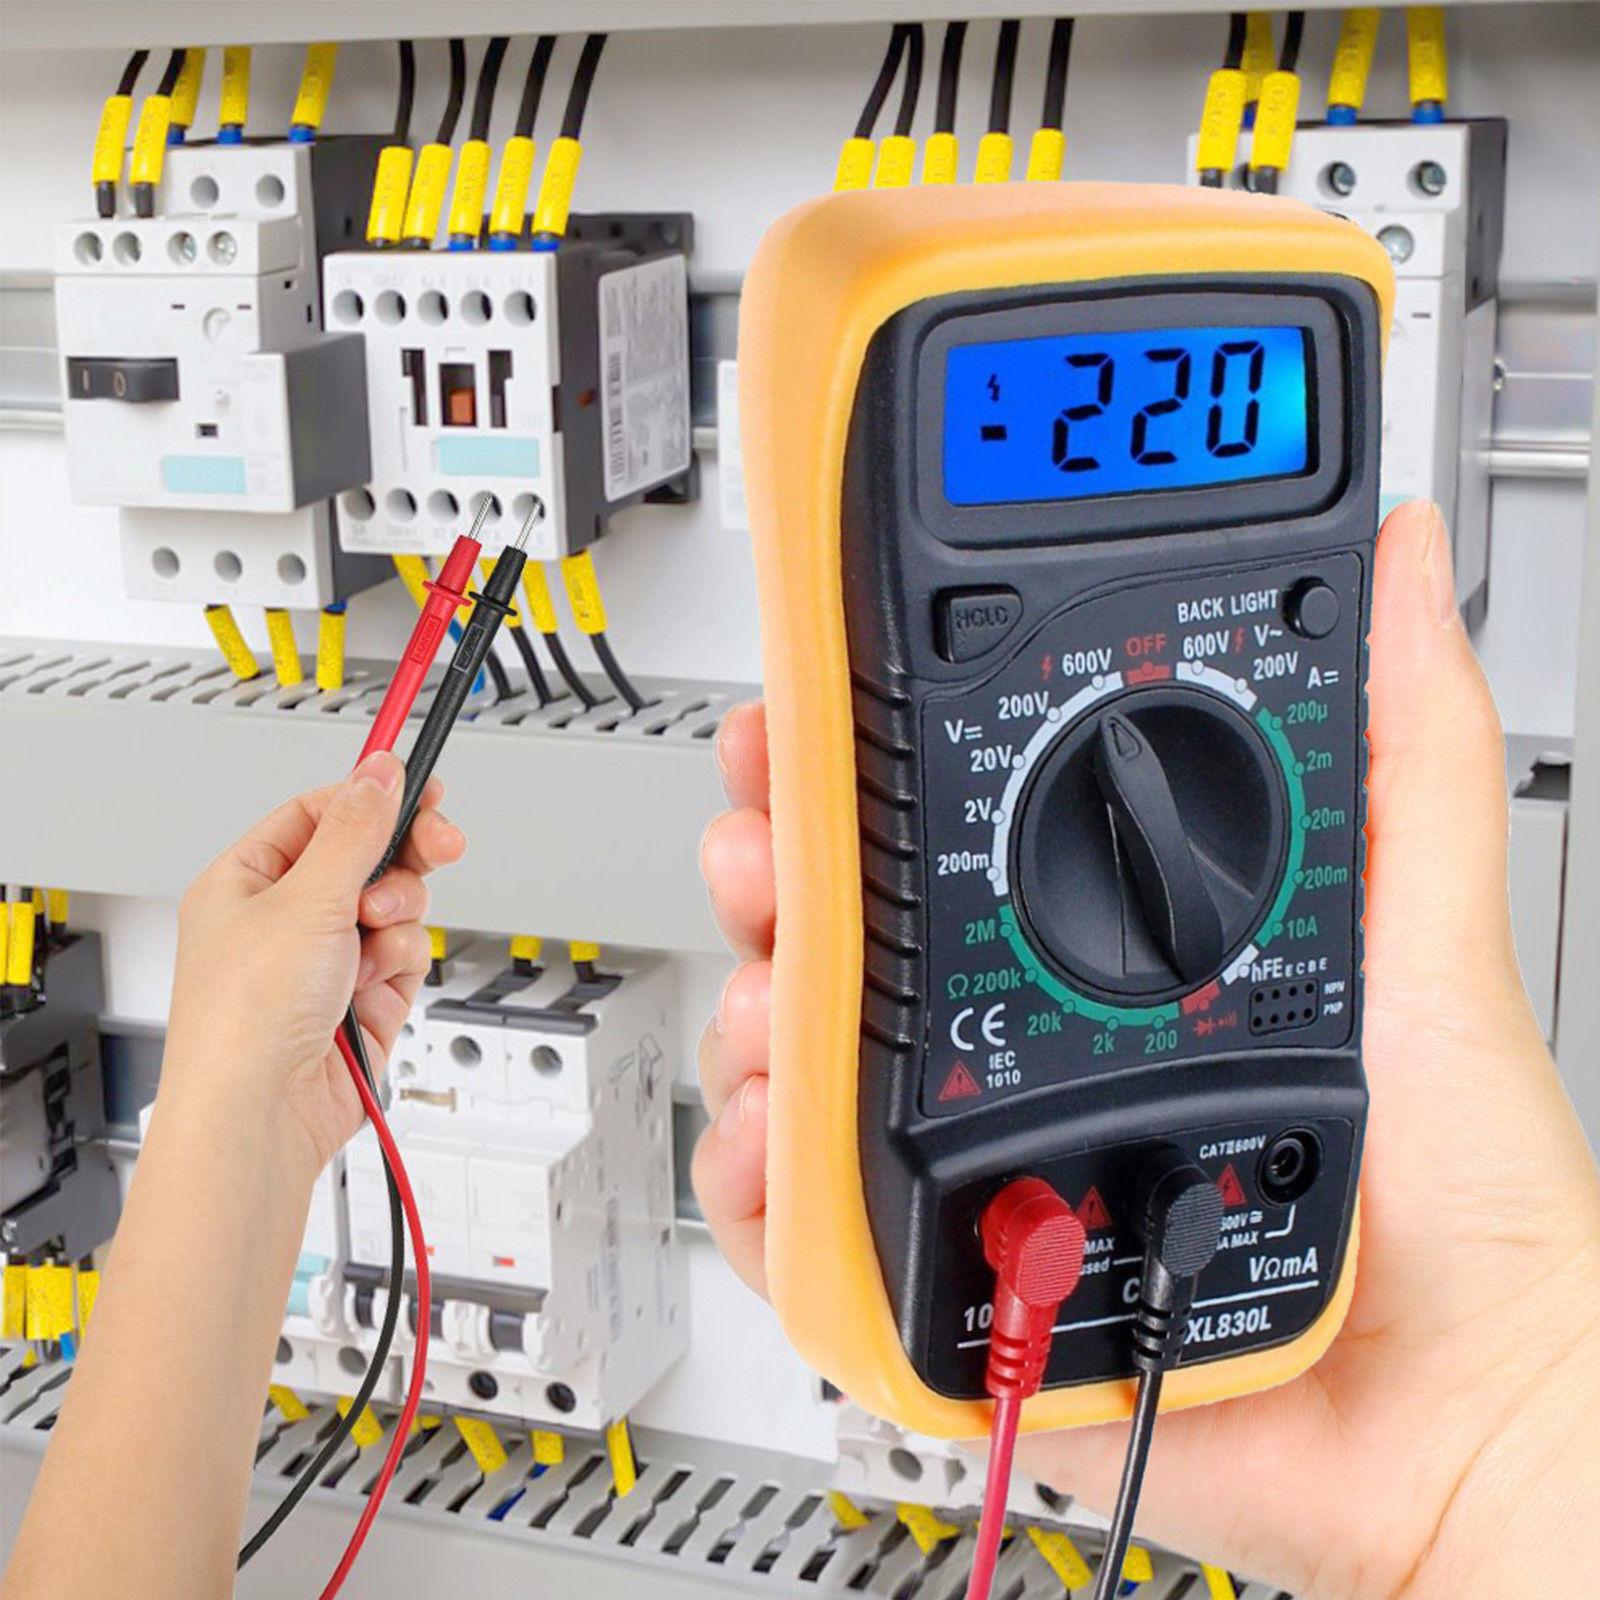 Lcd Digital Multimeter Voltmeter Ammeter Tester Meter Ohm Volt Ac Dc Electrical Circuit 9v Battery Ebay